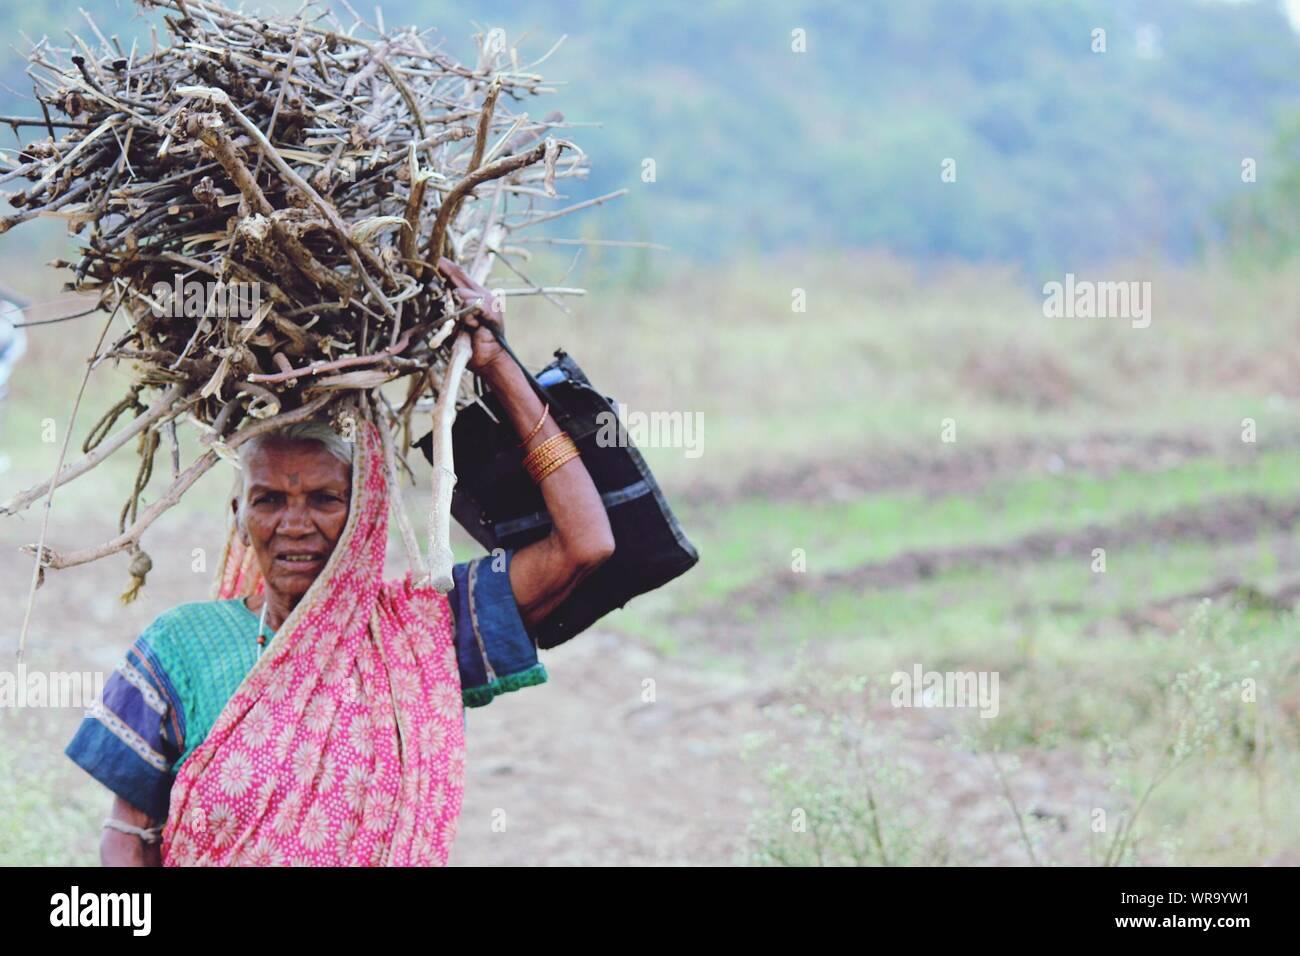 Mujer Cargando Lena Fotos E Imagenes De Stock Alamy